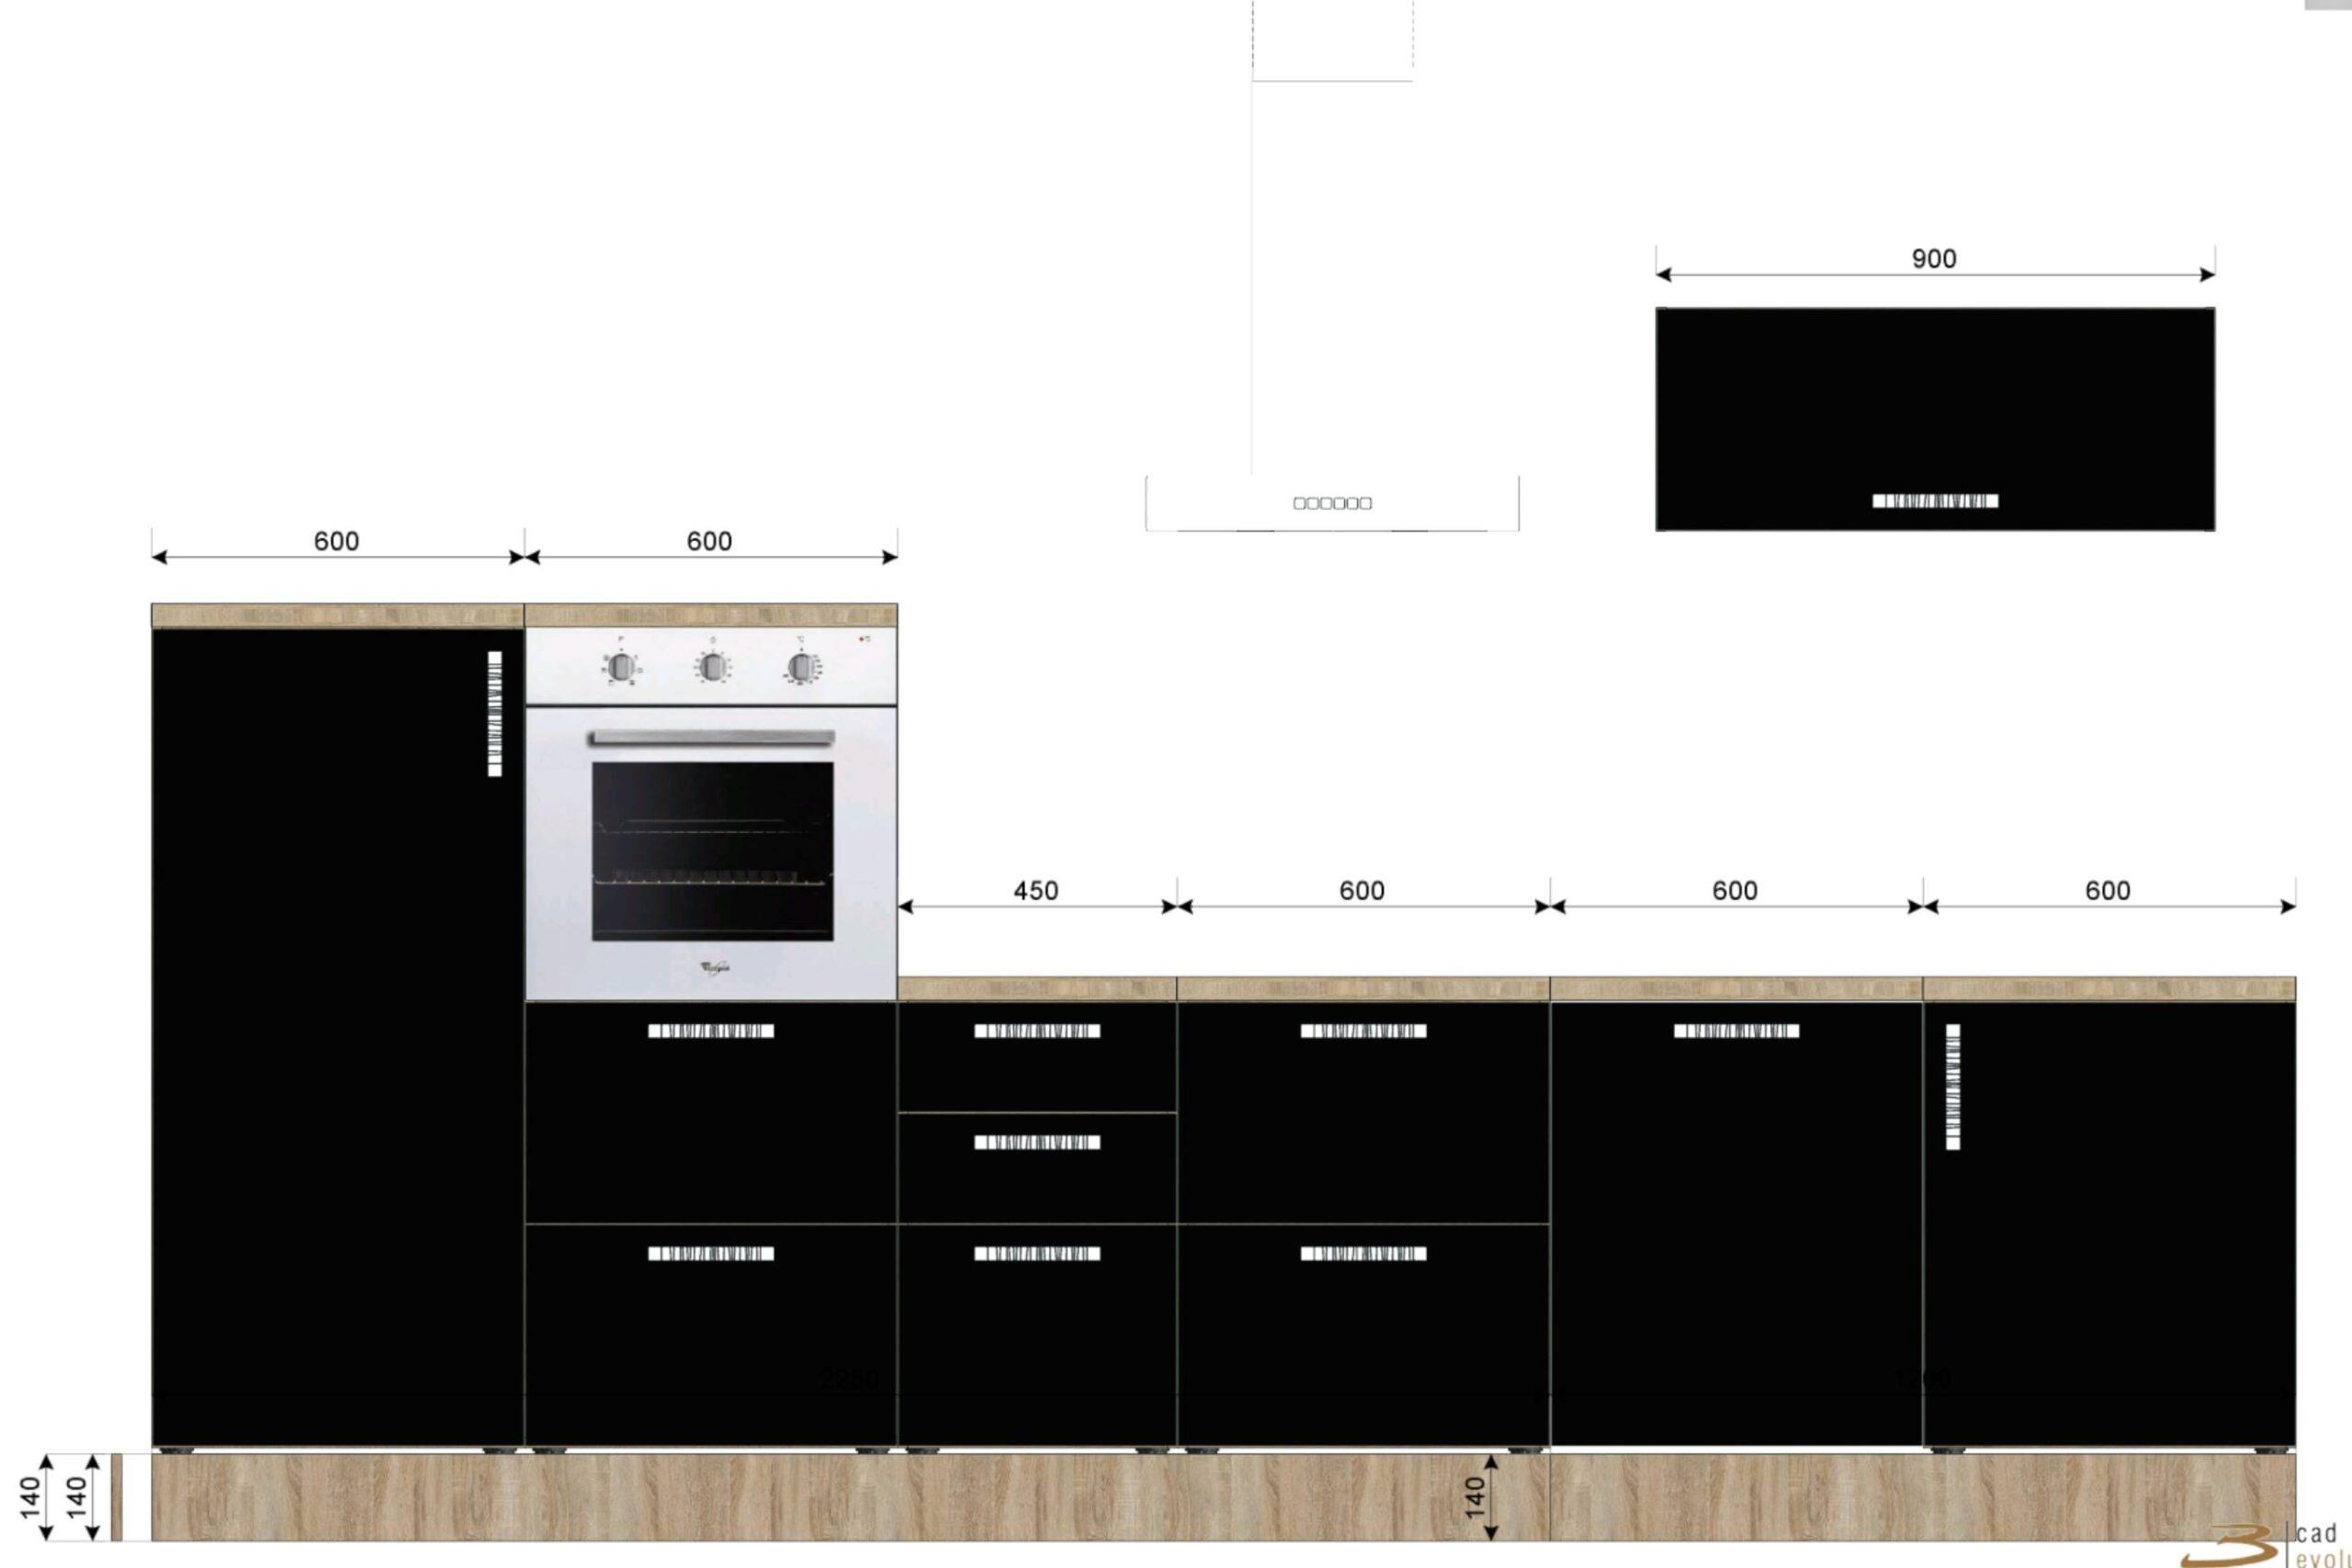 Full Size of Küchen Angebote Moderne Kche Bellevue Kchenzeile Gnstig Schlafzimmer Komplettangebote Stellenangebote Baden Württemberg Regal Sofa Wohnzimmer Küchen Angebote